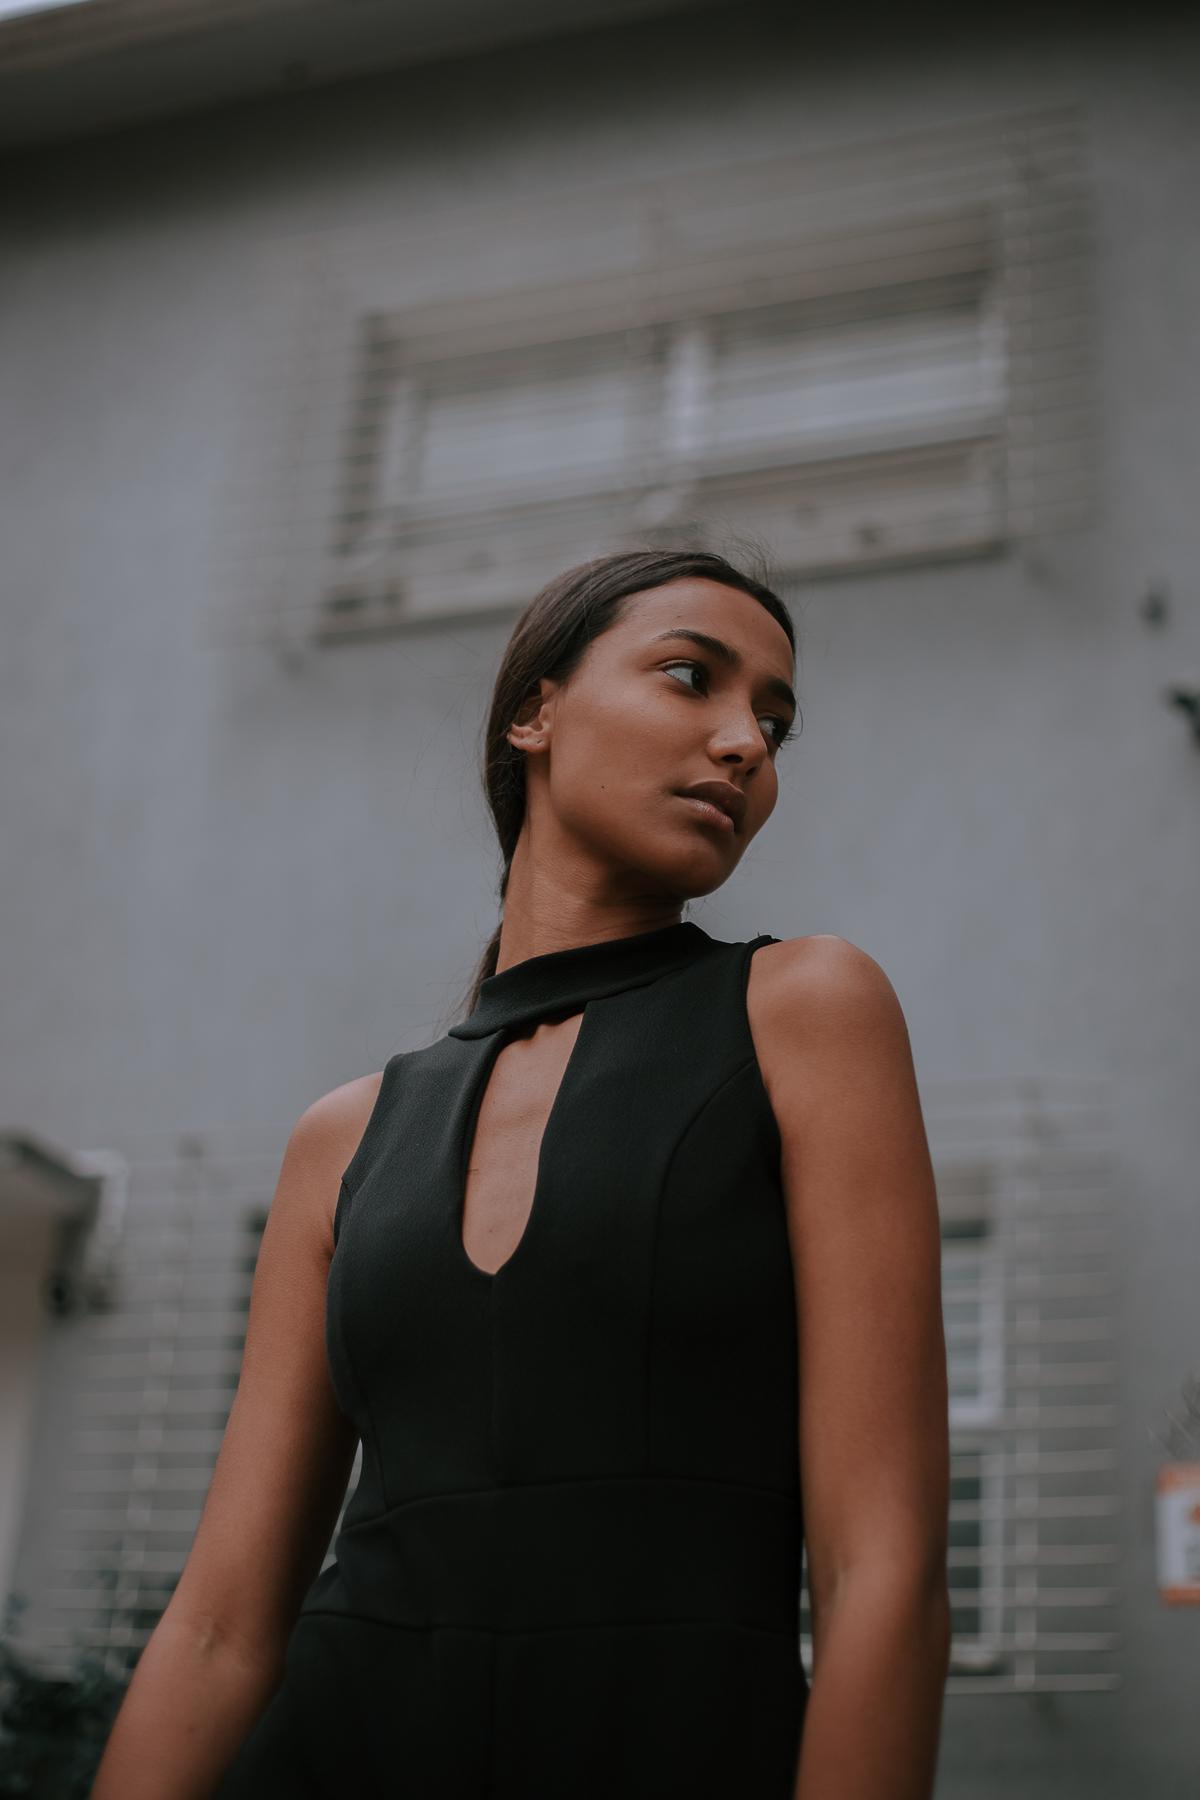 modelo negra fotografia de beauty em estudio